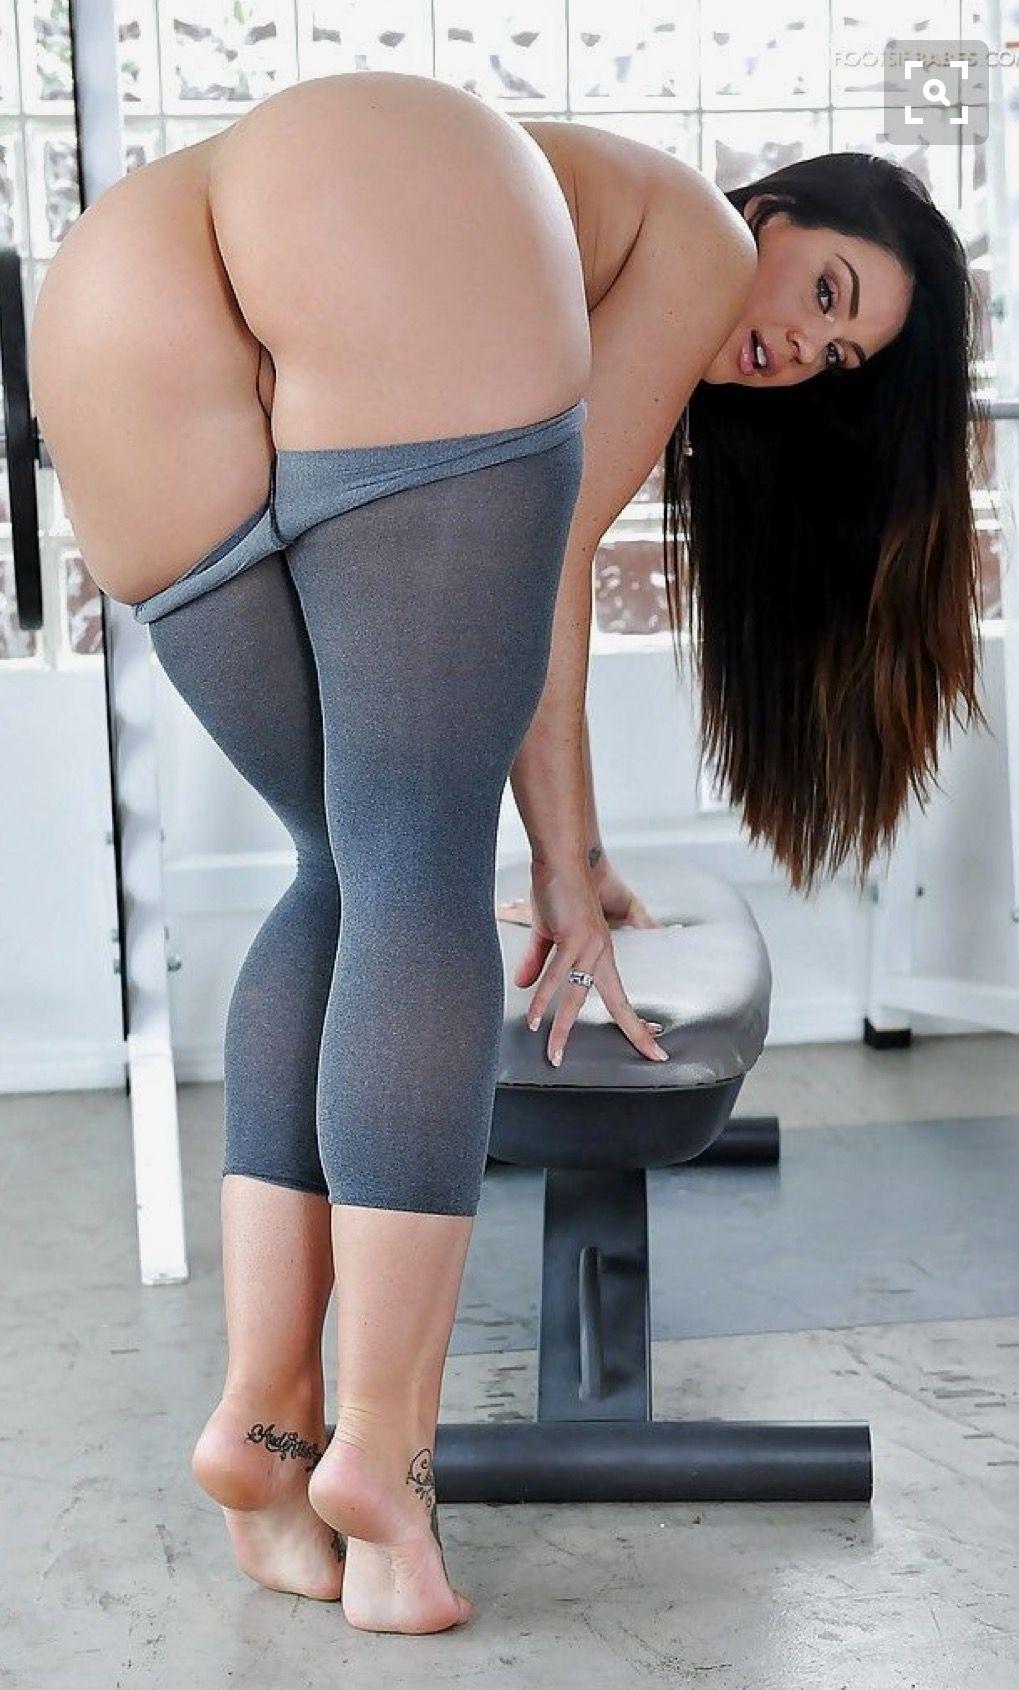 Hot naked yoga pant — 9